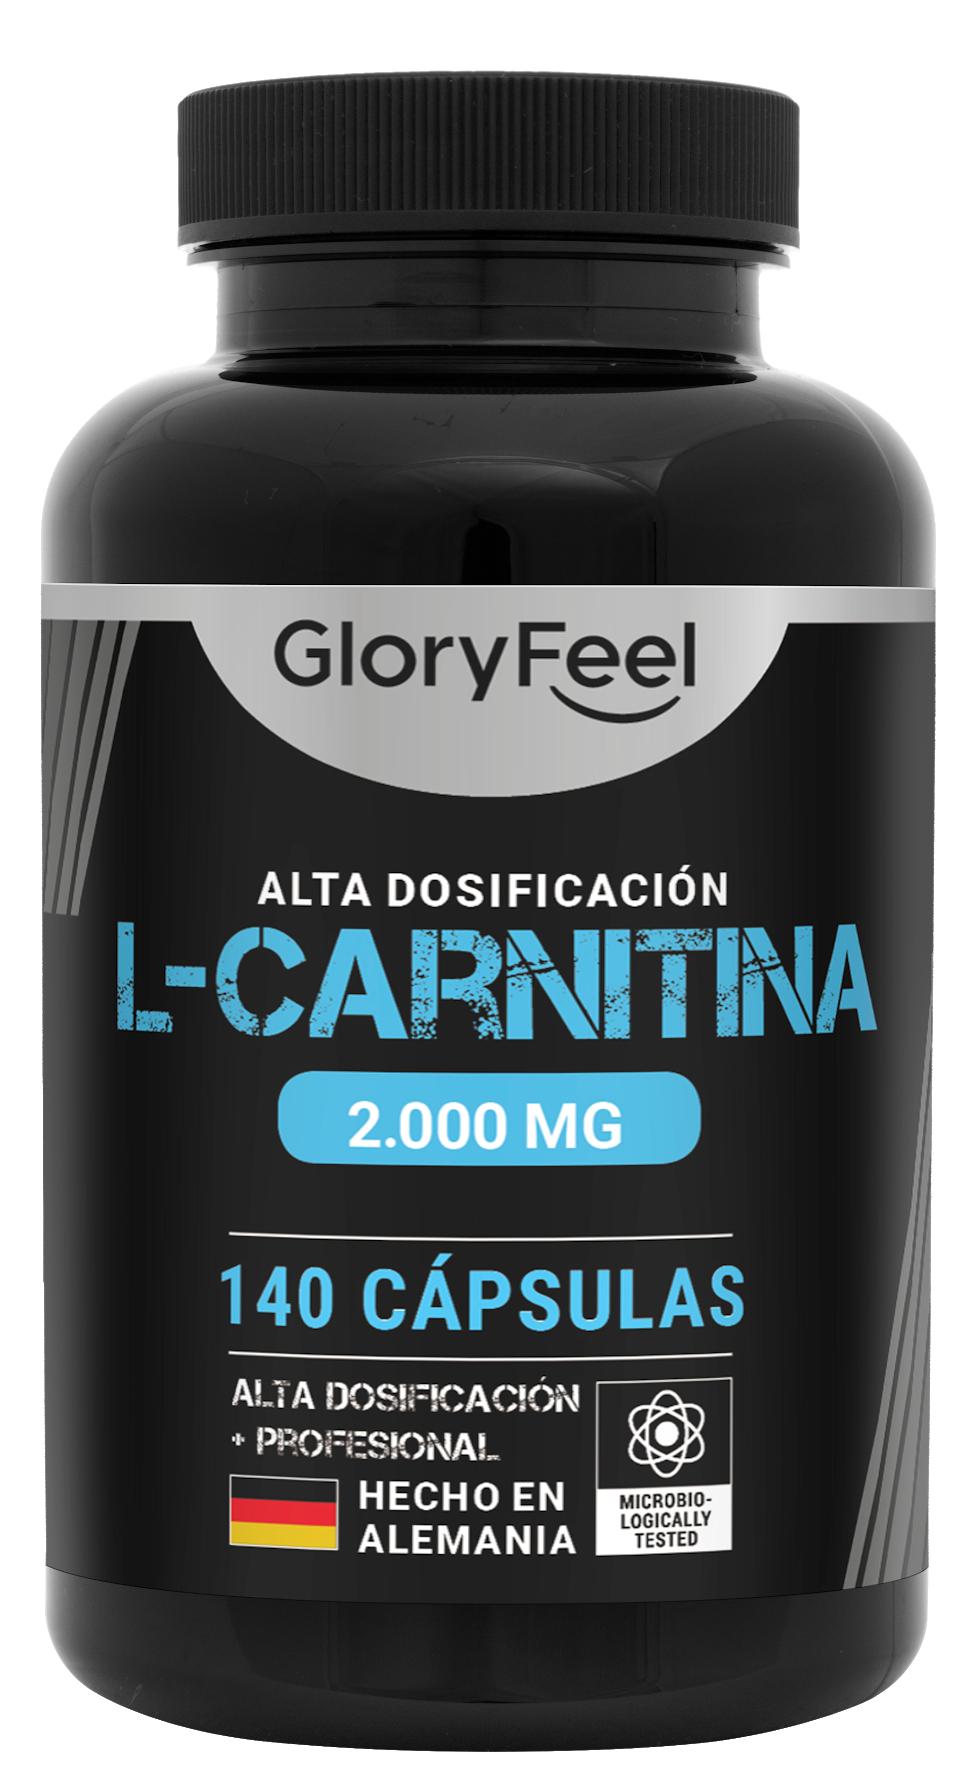 L-Carnitina de GloryFeel con el 50% de descuento